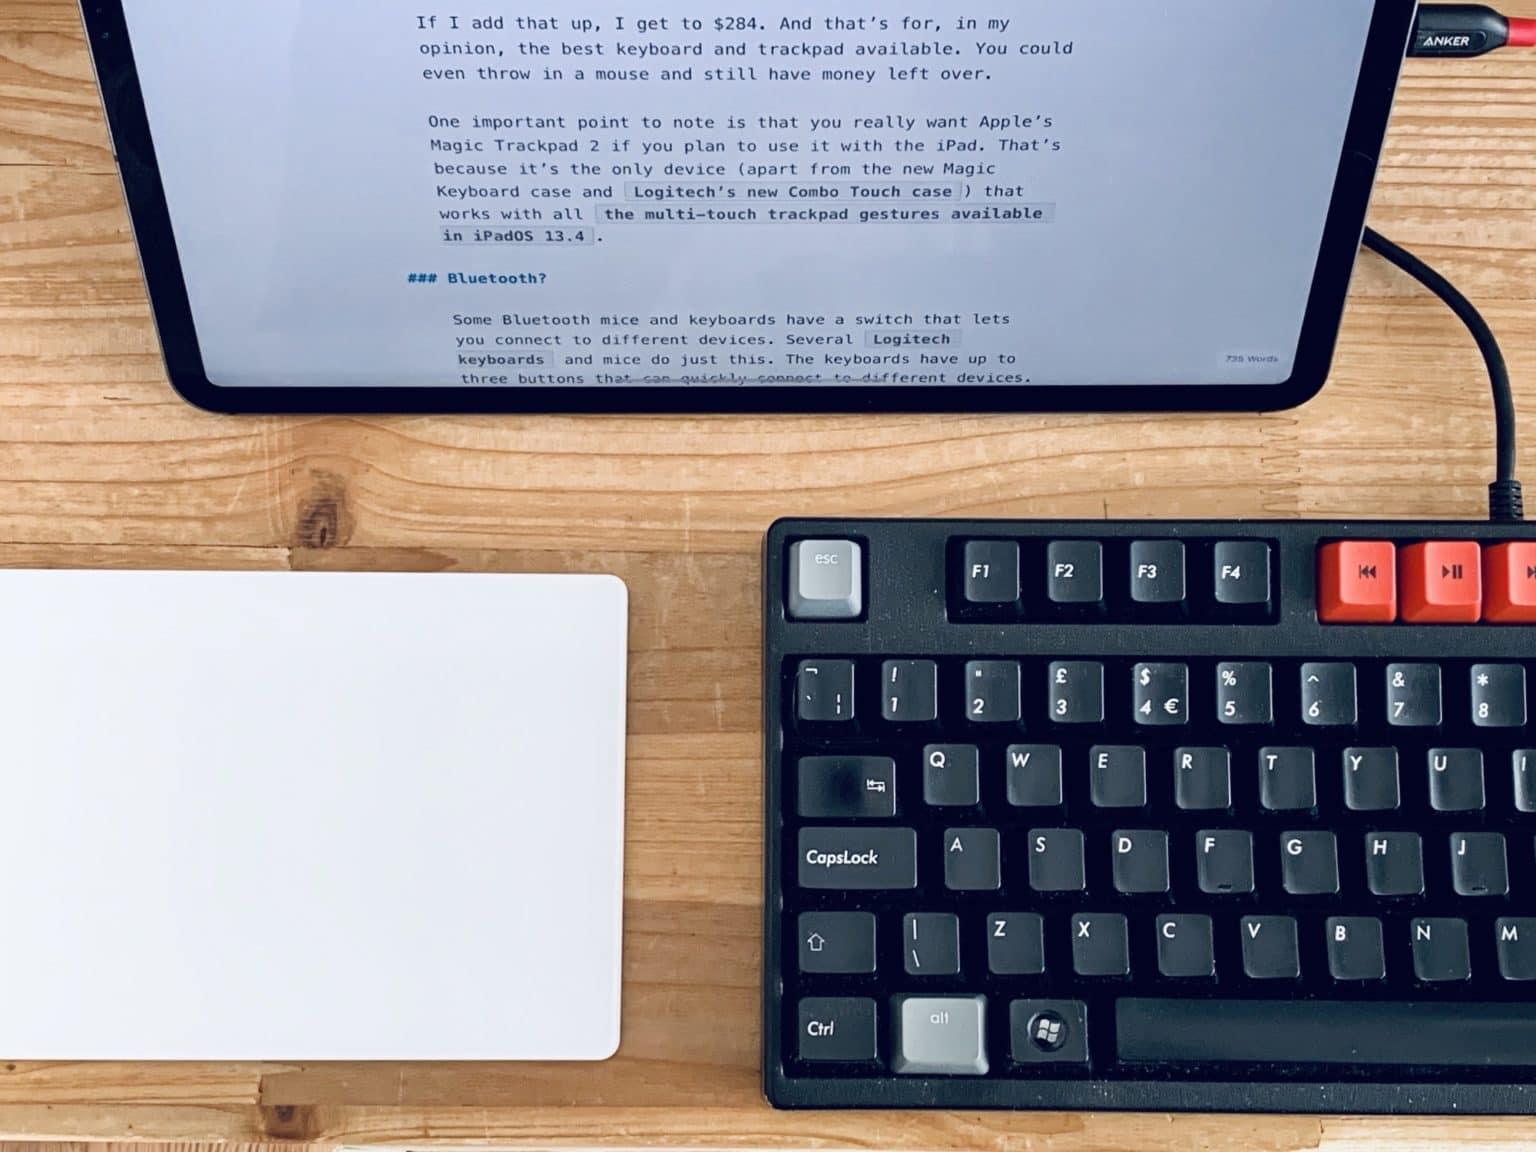 iPad, share keyboard, and trackpad